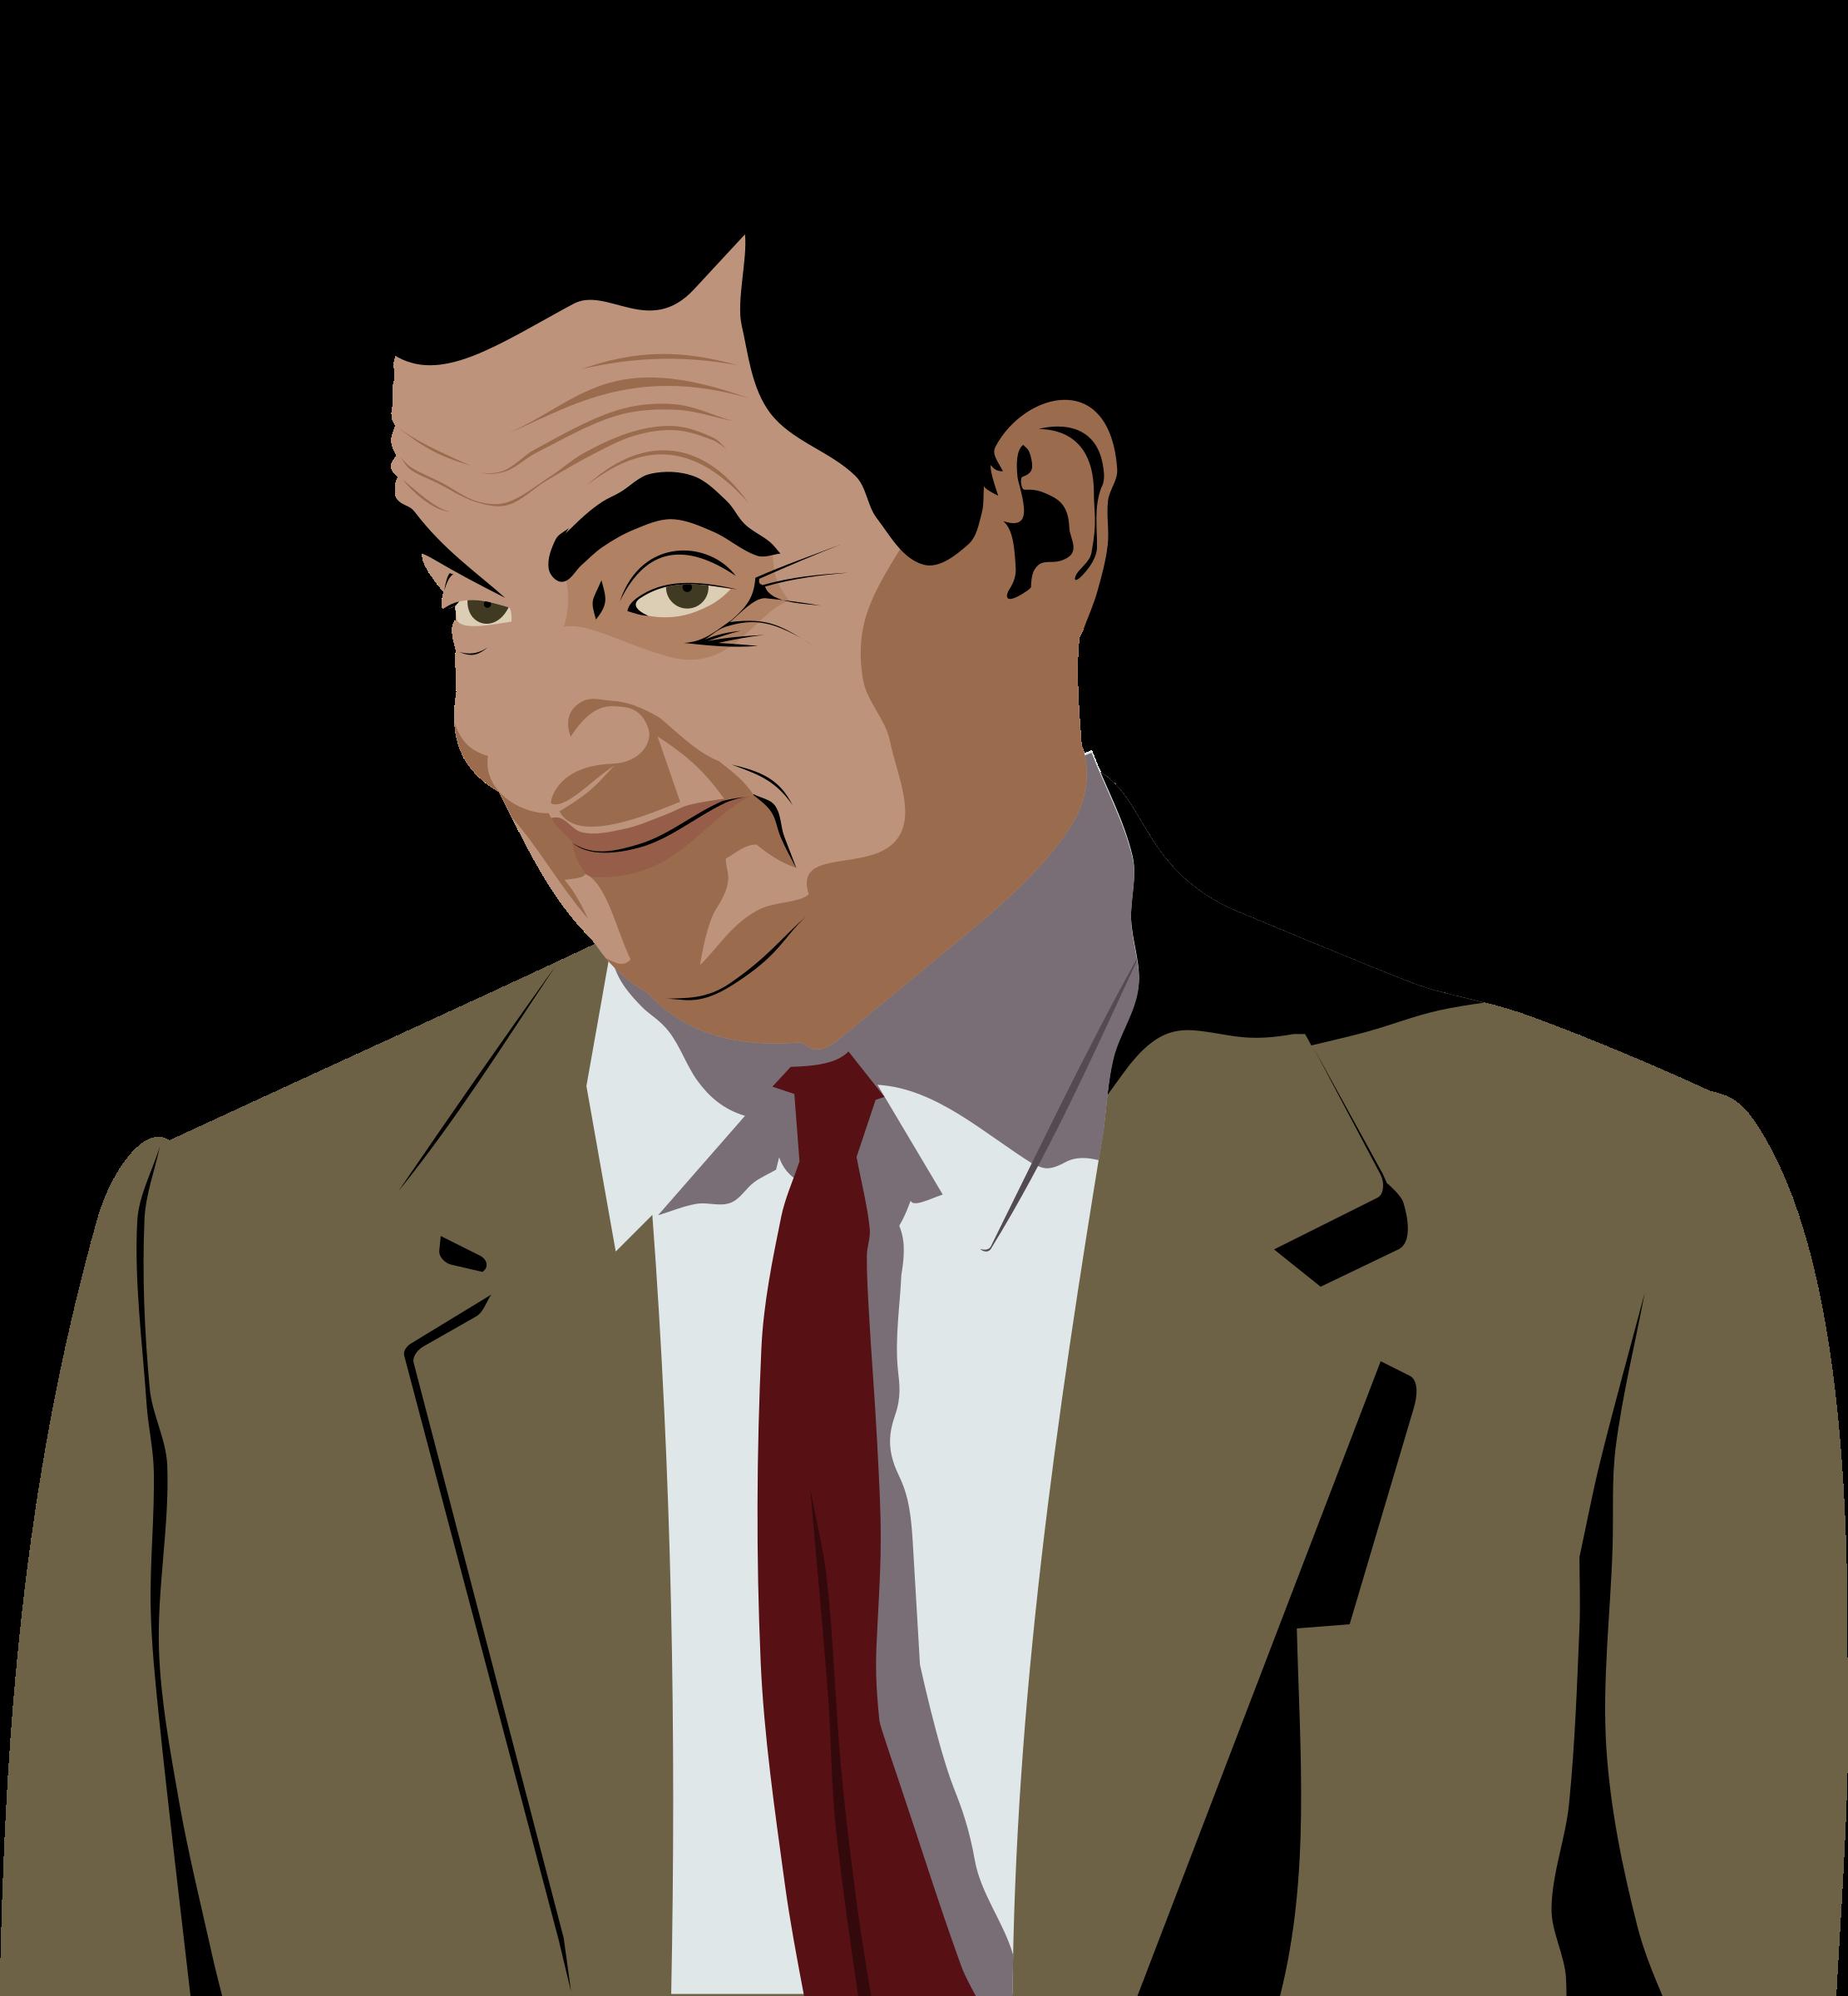 Mr Bean Clipart.